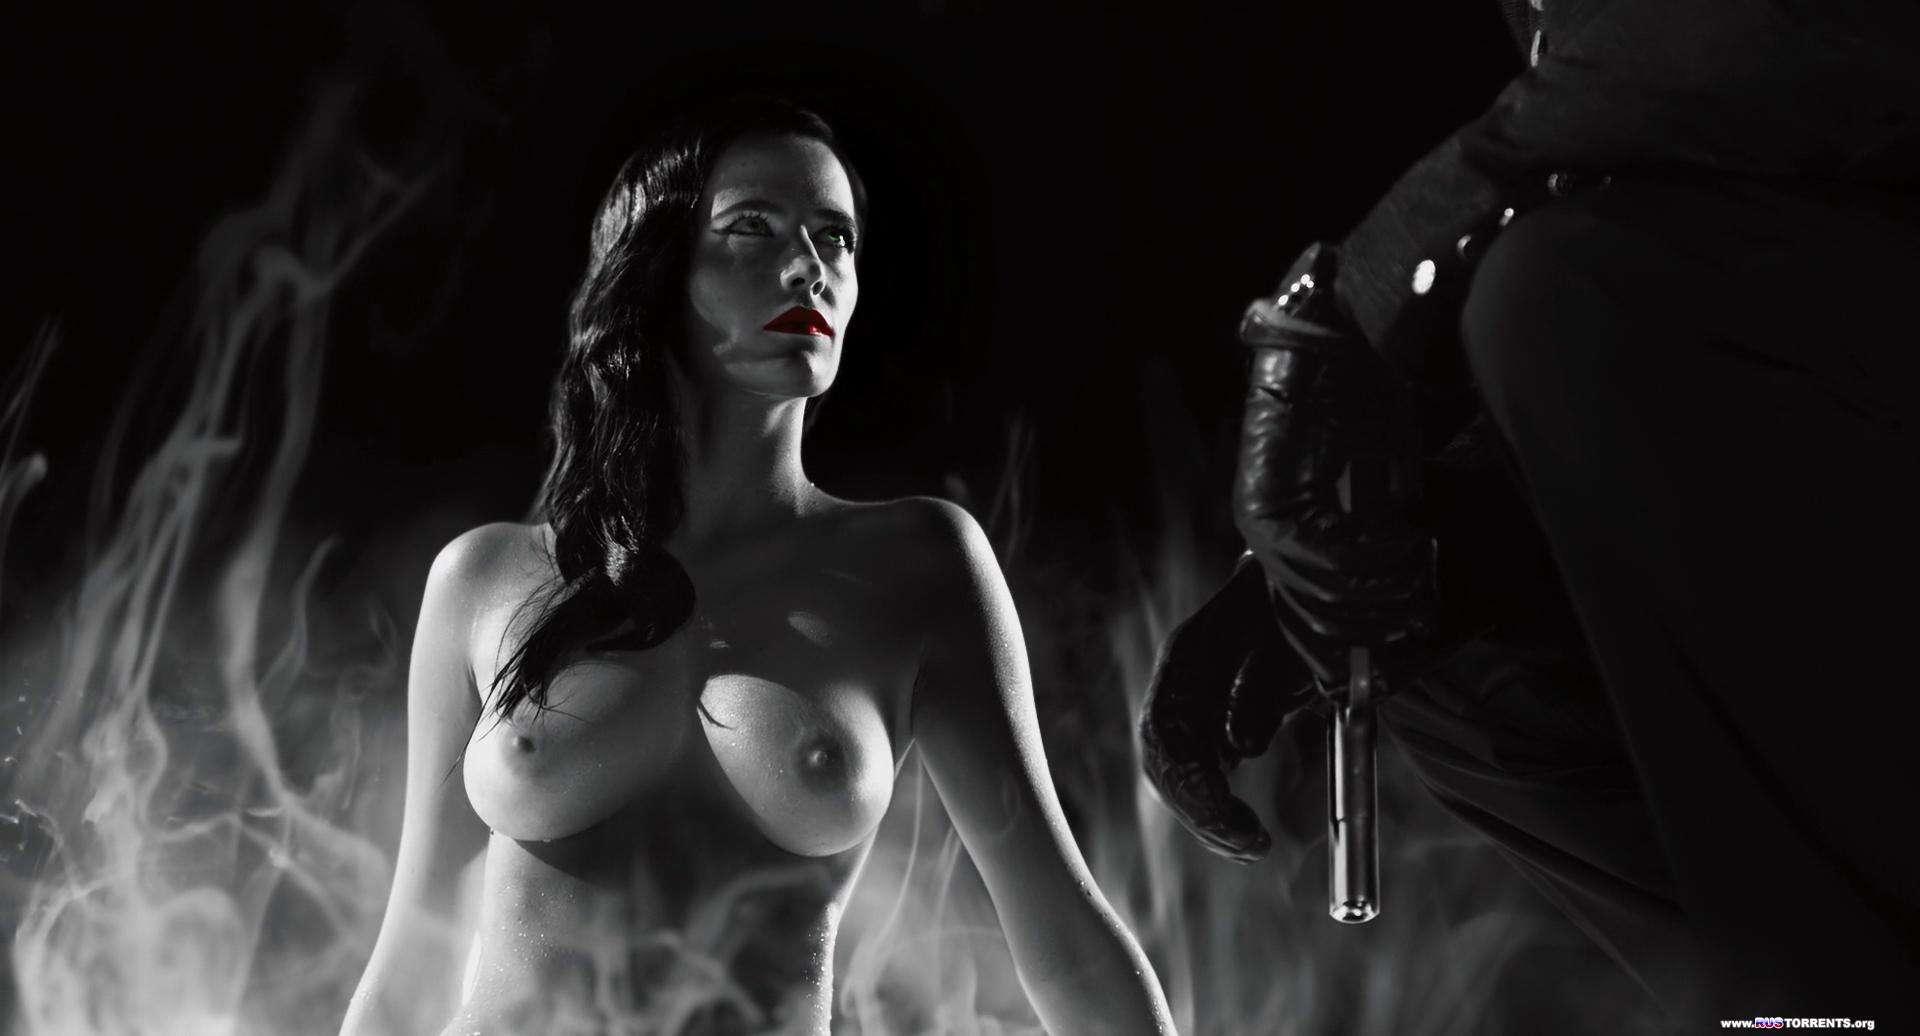 Город грехов 2: Женщина, ради которой стоит убивать | BDRip 1080p